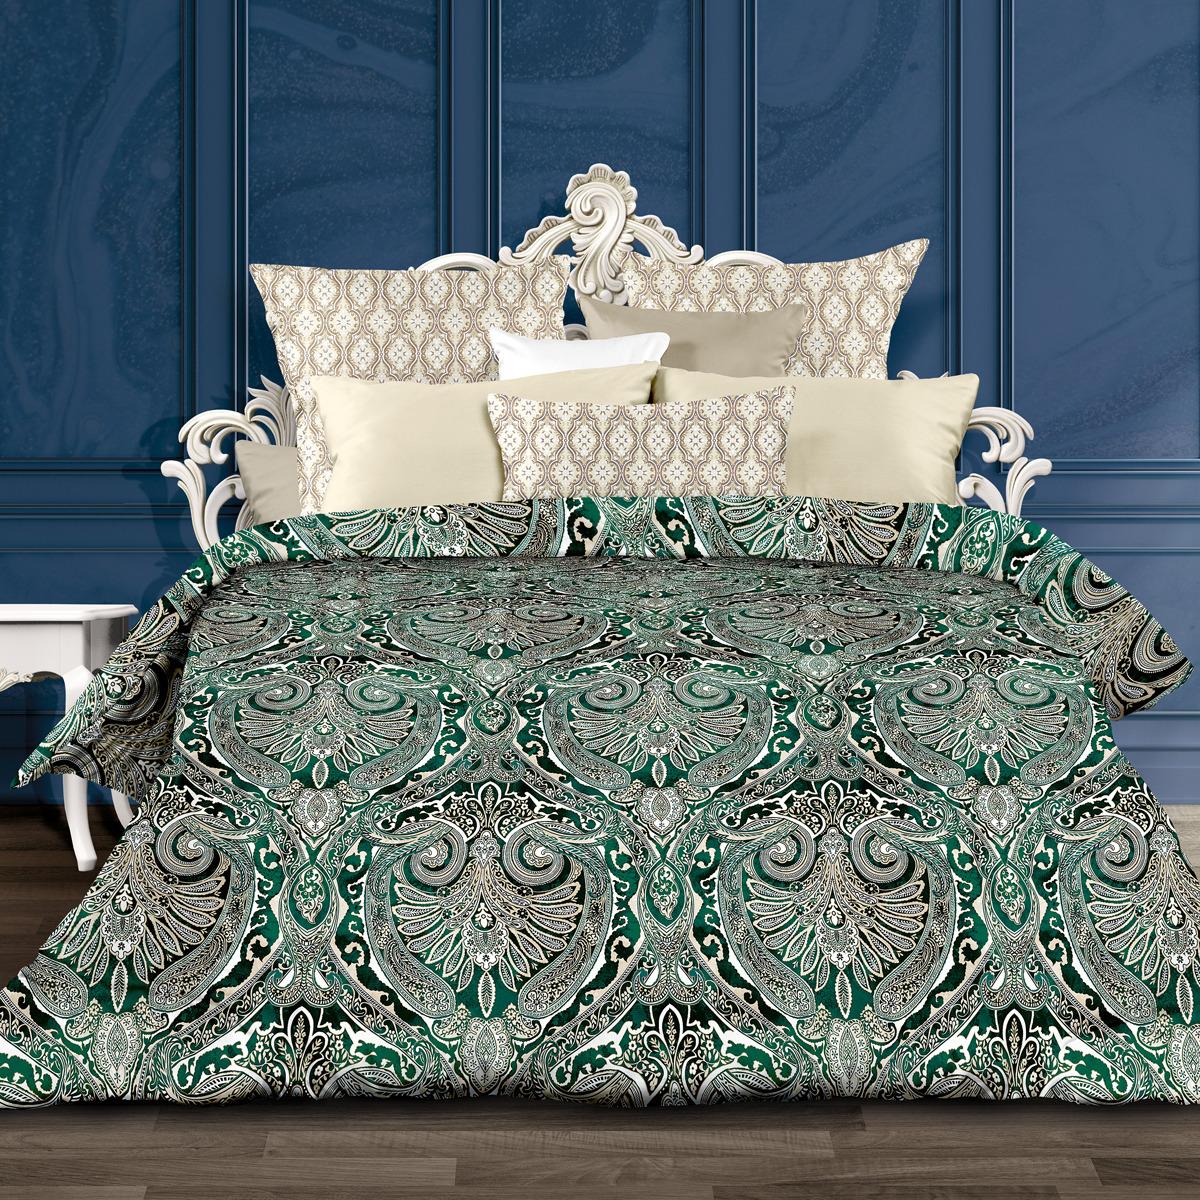 Комплект постельного белья Унисон Сапфир, 556900, 2-спальный, наволочки 70x70 комплект постельного белья унисон криолло